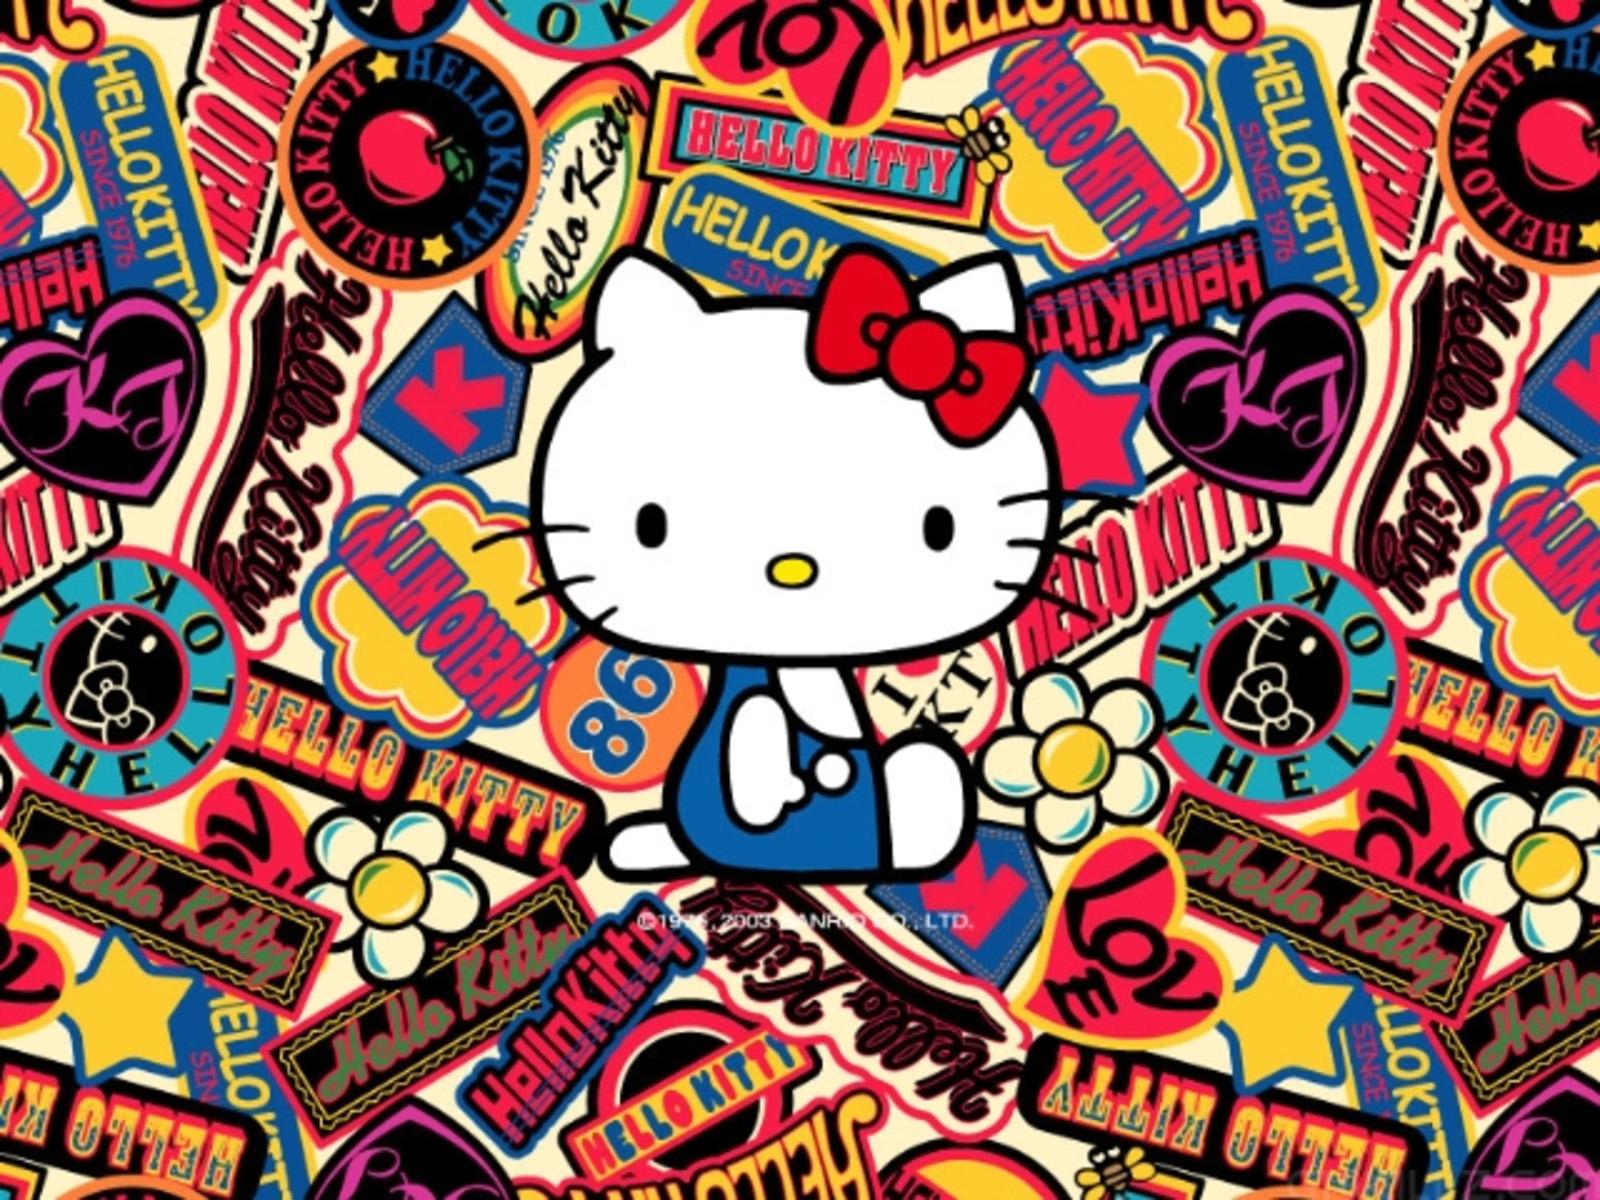 wallpaper hd de hello kitty rodeado de estolas con su nombre